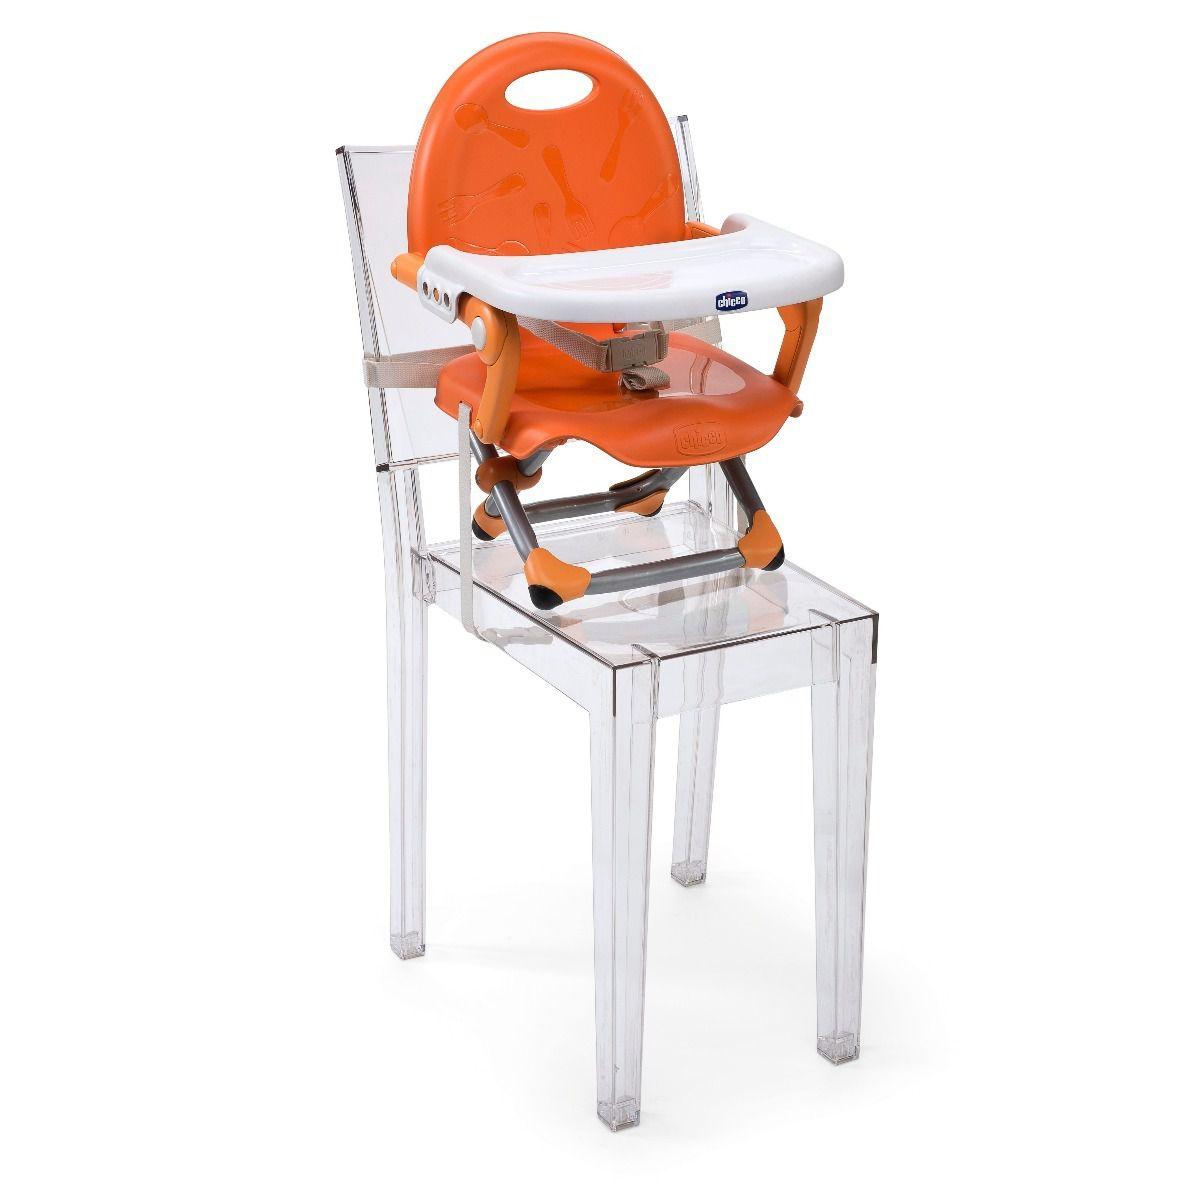 Cadeira Alimentação Bebê Pocket Snack Dobrável 15kg - Chicco